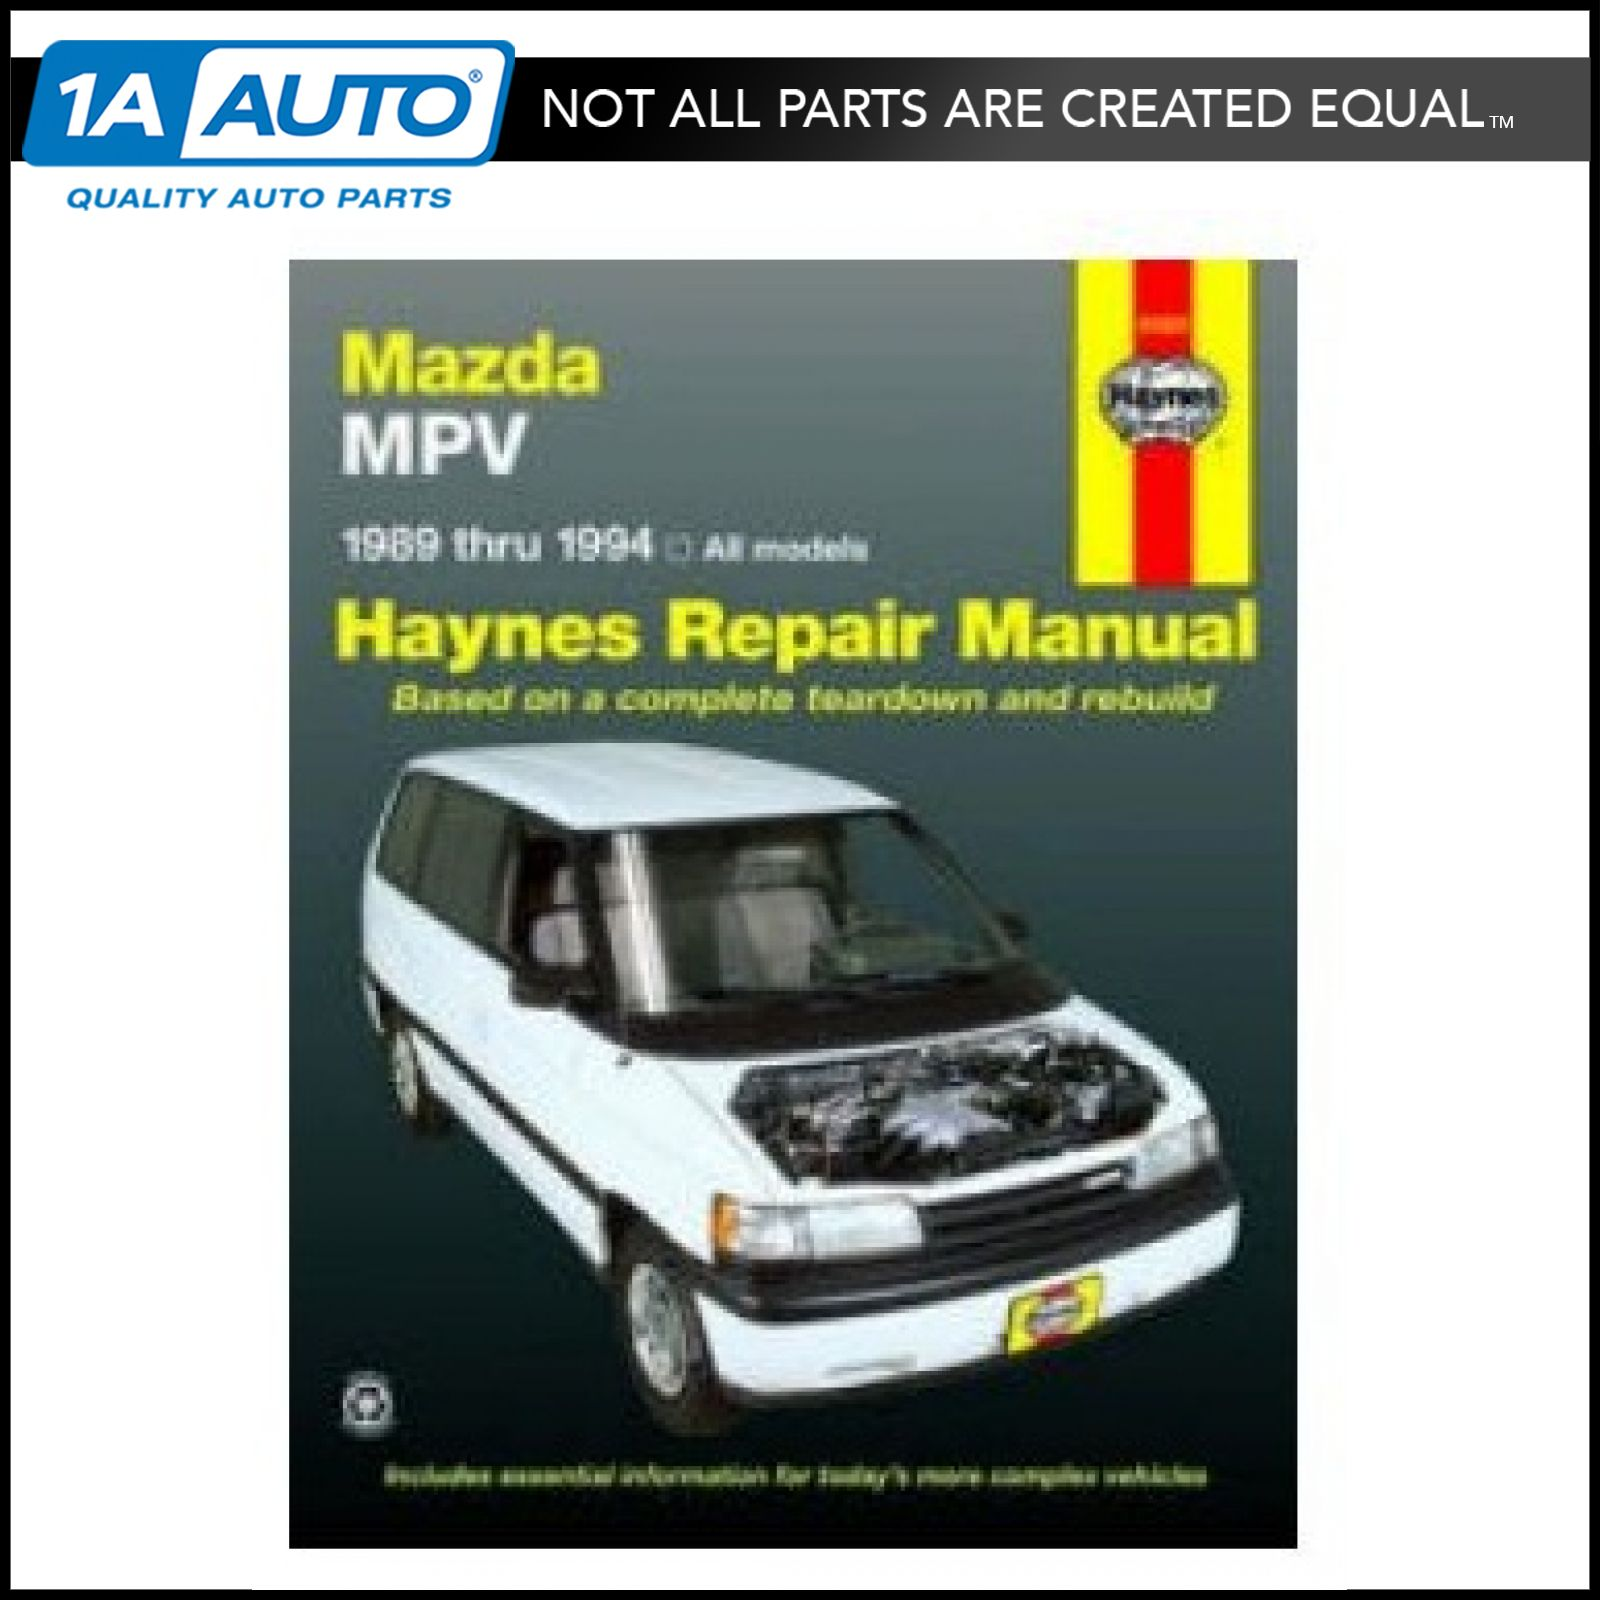 Haynes Repair Manual for Mazda MPV 89 90 91 92 93 94